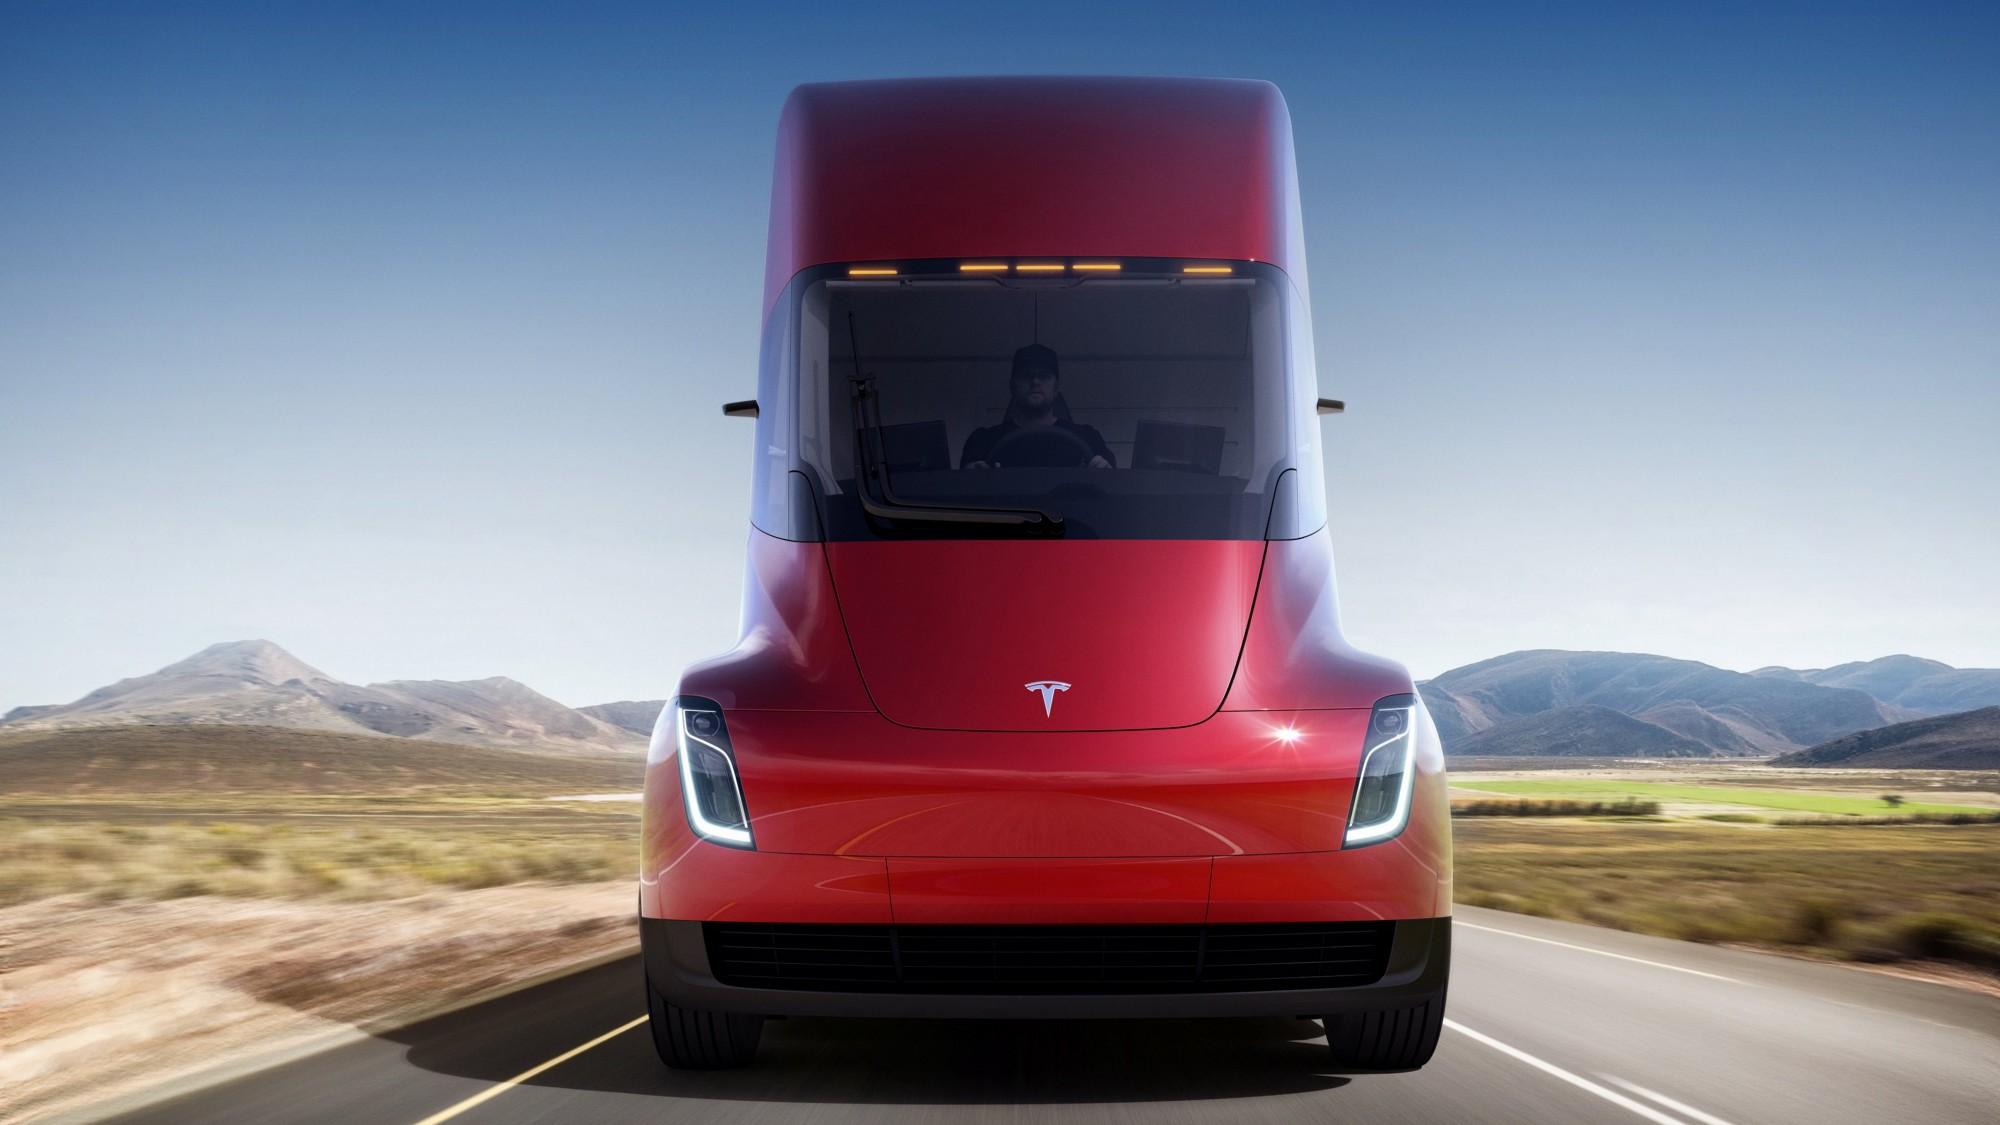 Tesla Semi грузовой электромобиль, с которым придется считаться - 2